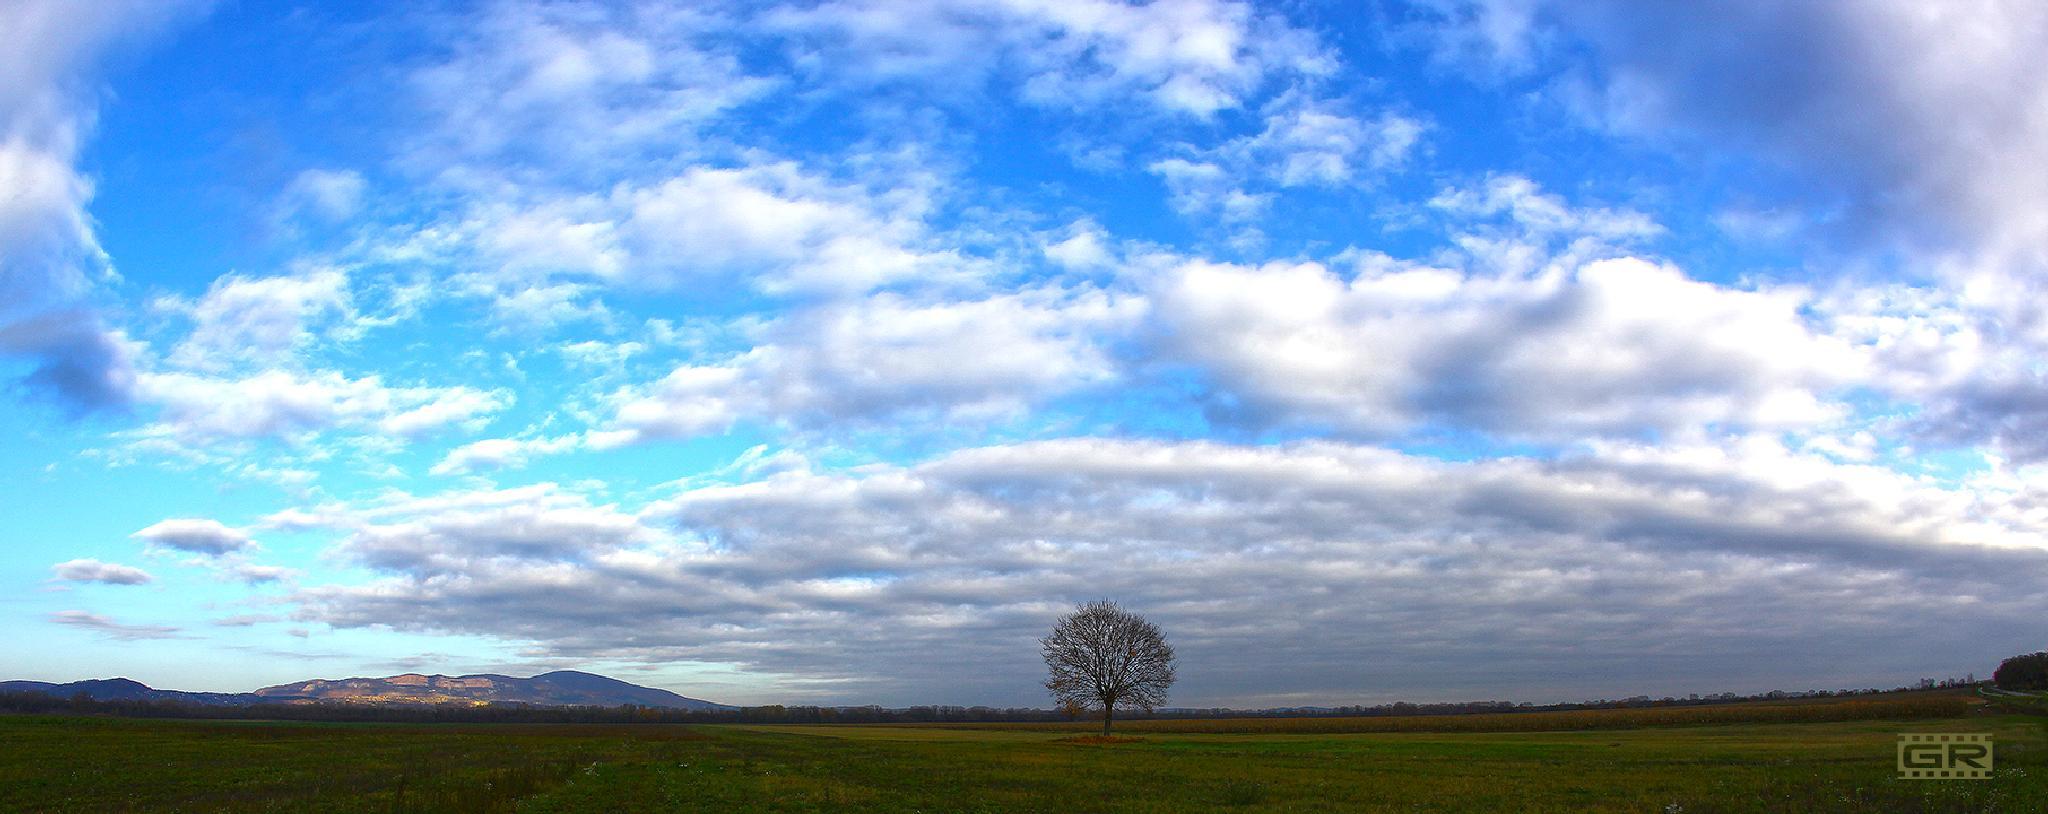 lonely tree by Róbert Gecsényi